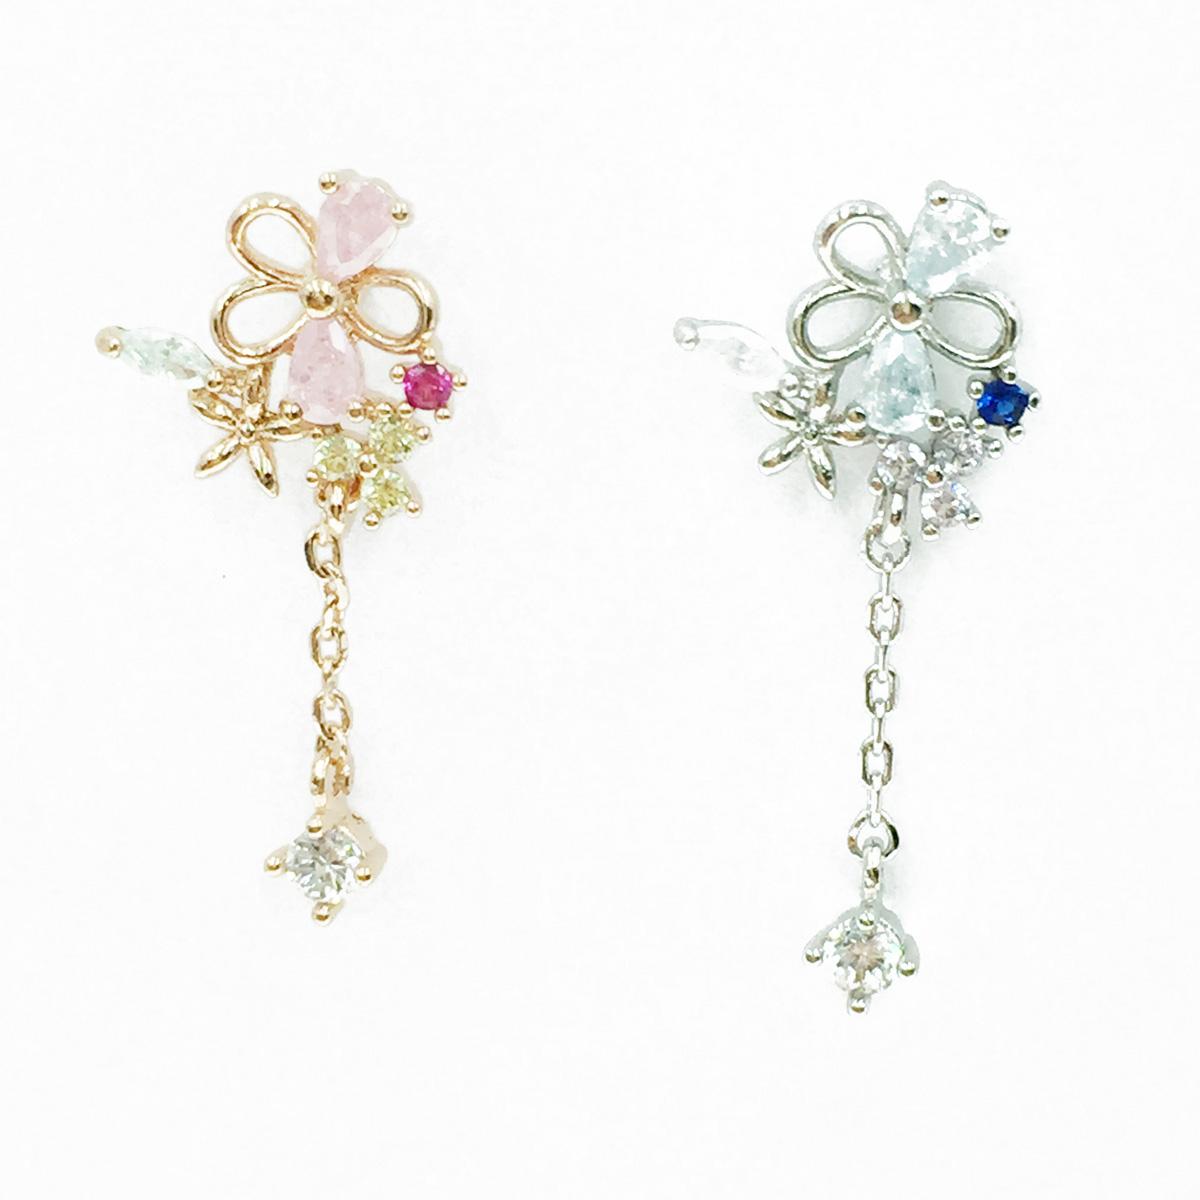 韓國 不鏽鋼 花 水鑽 2色 垂墜感 單支後轉 耳針式耳環